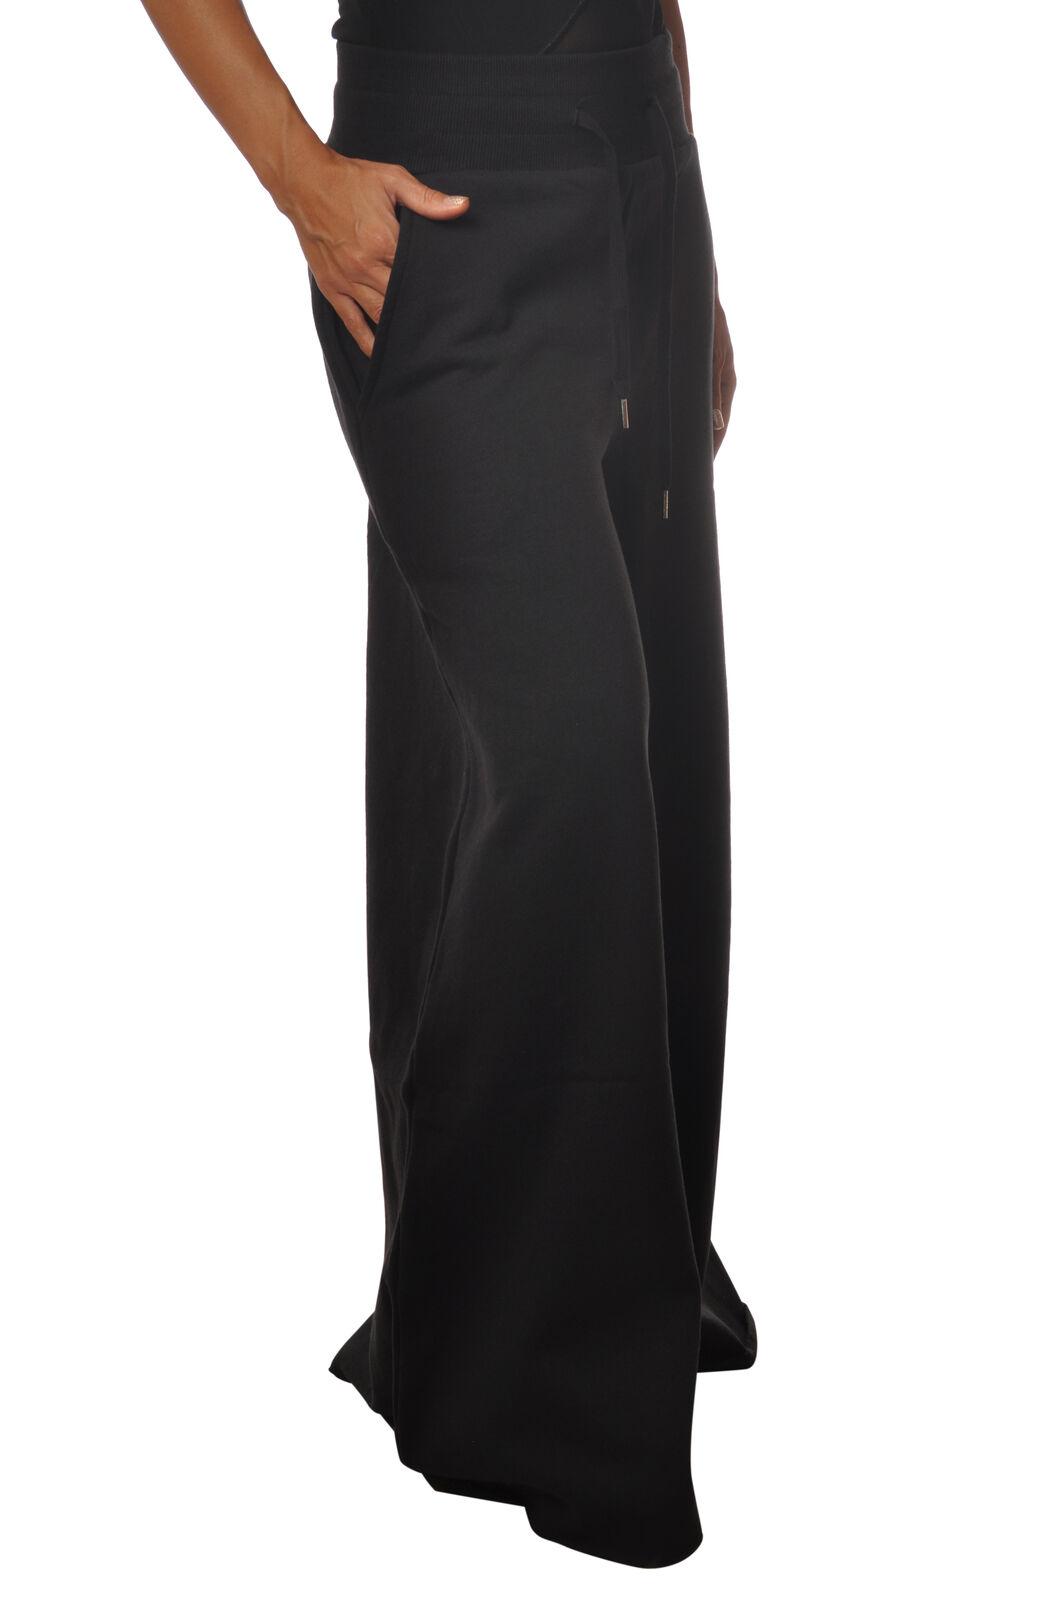 5 preview-Hose, trousers, sweatHemd-Frau-schwarz - 5507710c191743